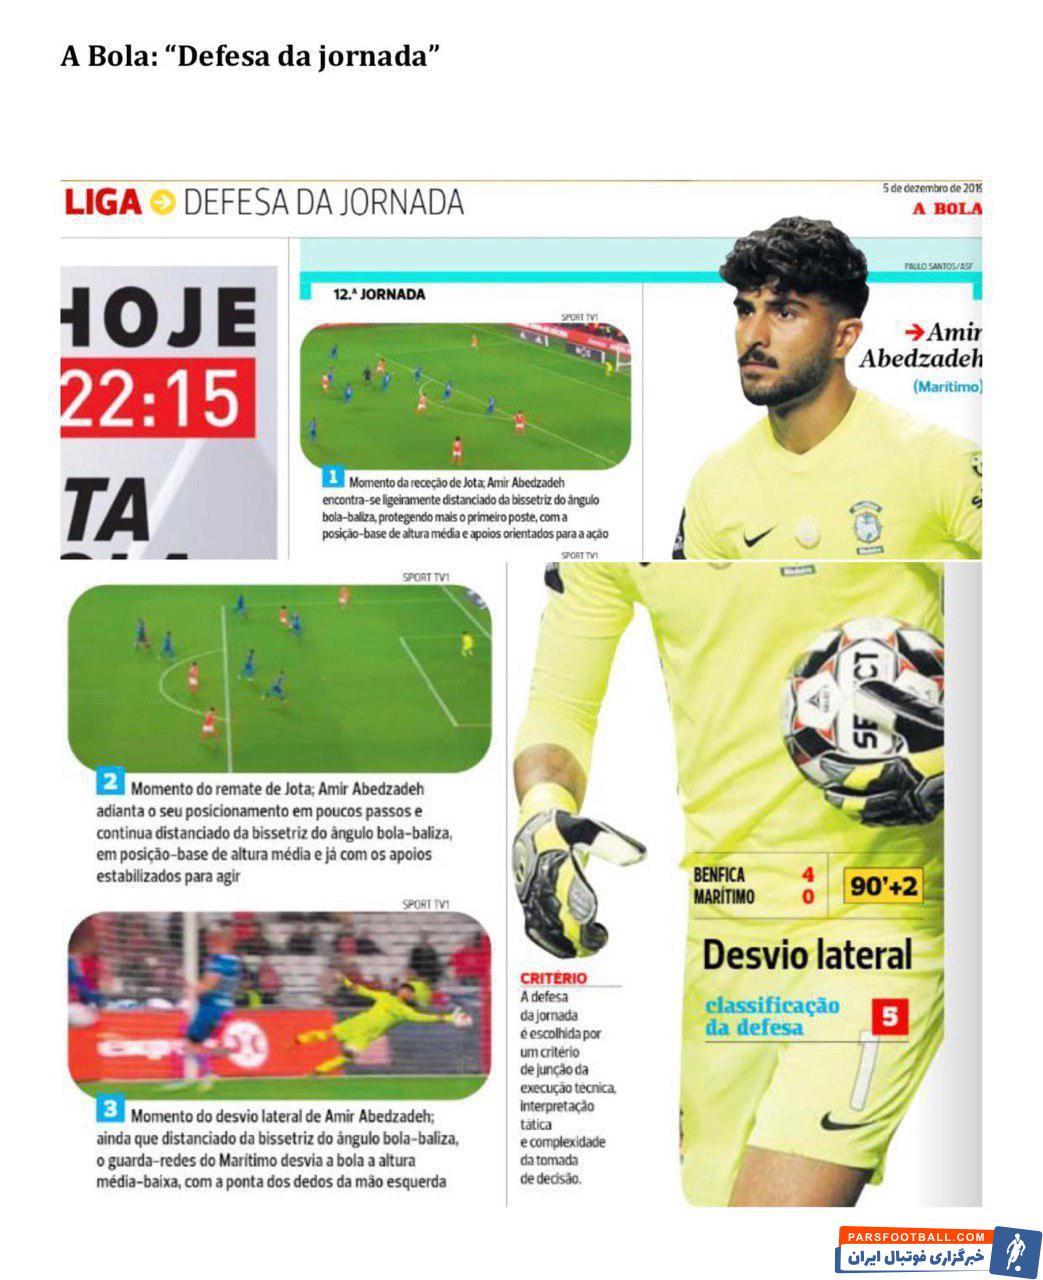 روزنامه آبولا در پرتغال سیو دقیقه آخر امیر عابدزاده برابر بنفیکا را به عنوان سیو برتر هفته انتخاب و مورد تحلیل قرار داده است.